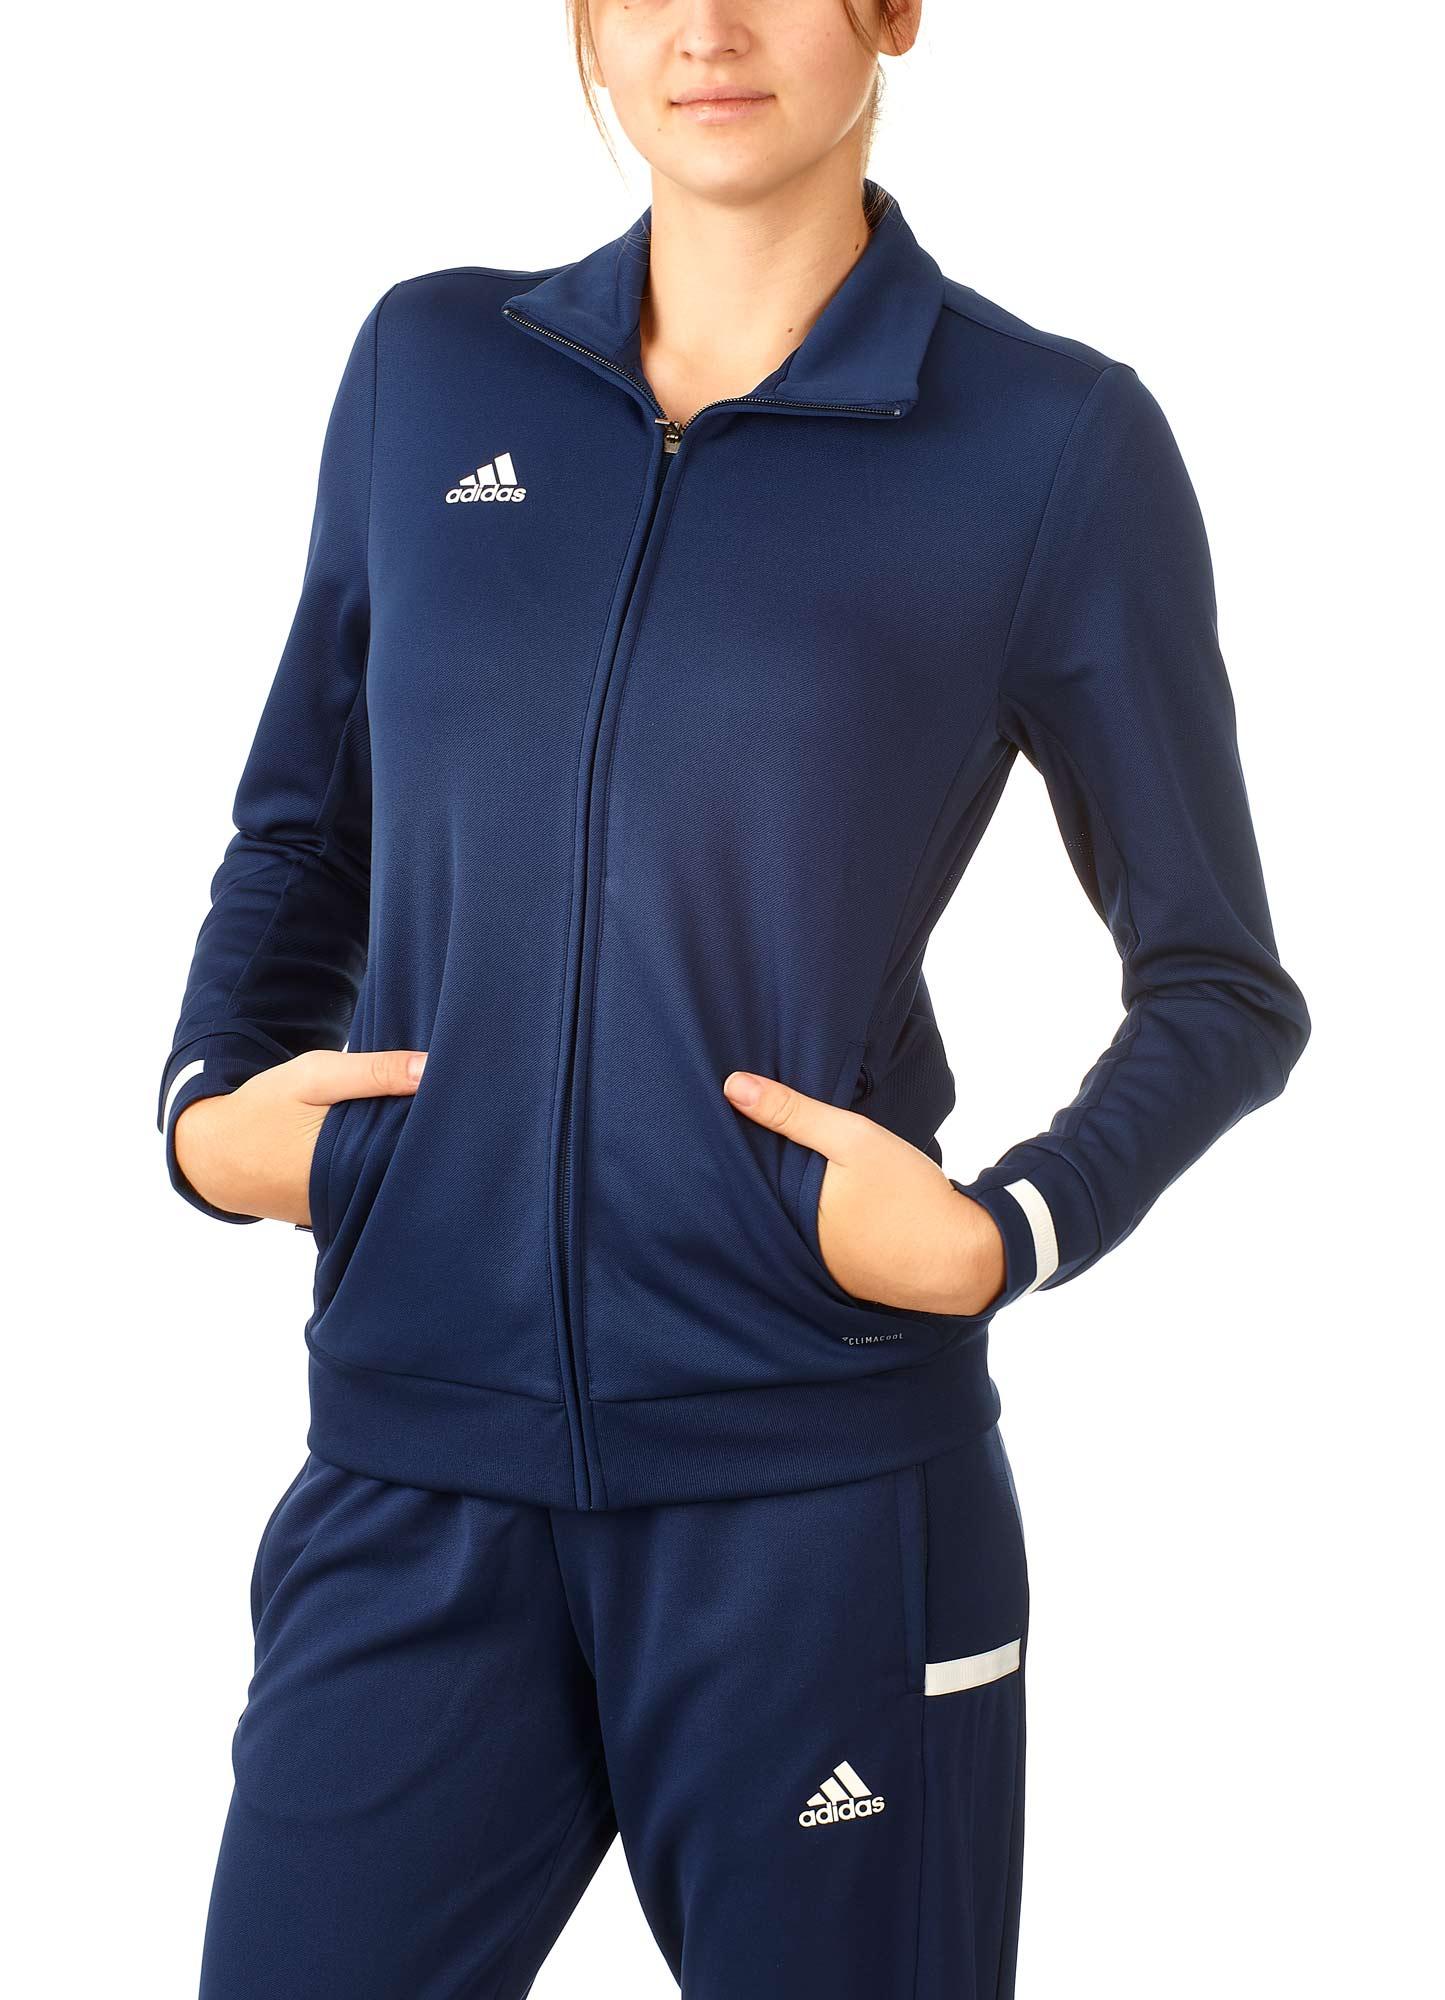 adidas T19 Trekking Jacket Damen blauweiß, DY8818